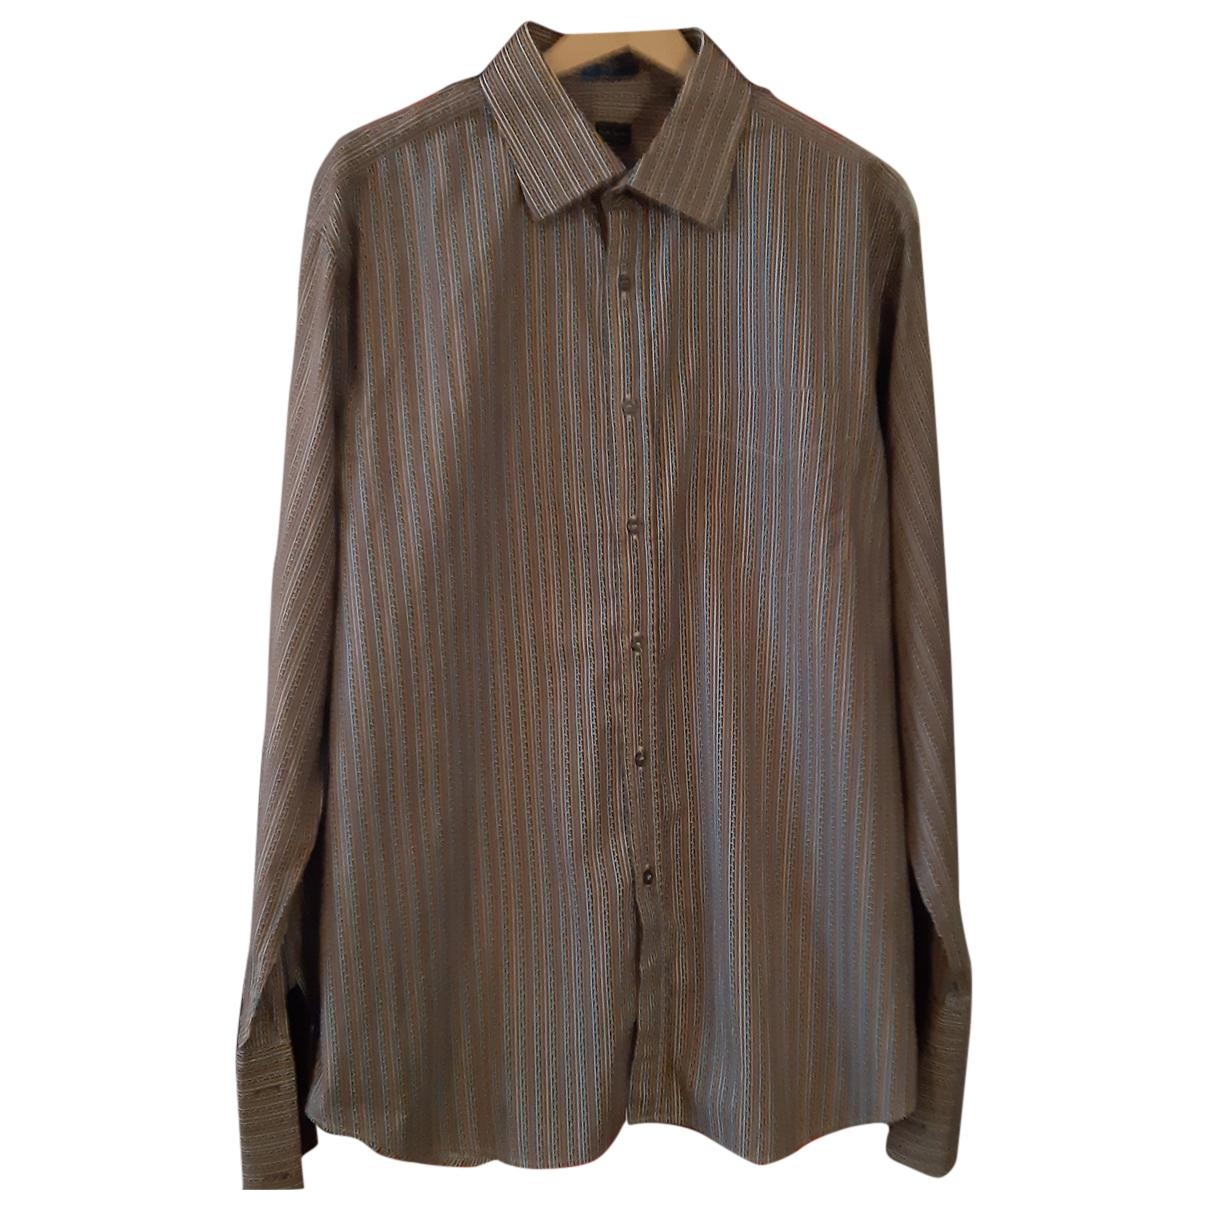 Paul Smith N Multicolour Cotton Shirts for Men 44 EU (tour de cou / collar)